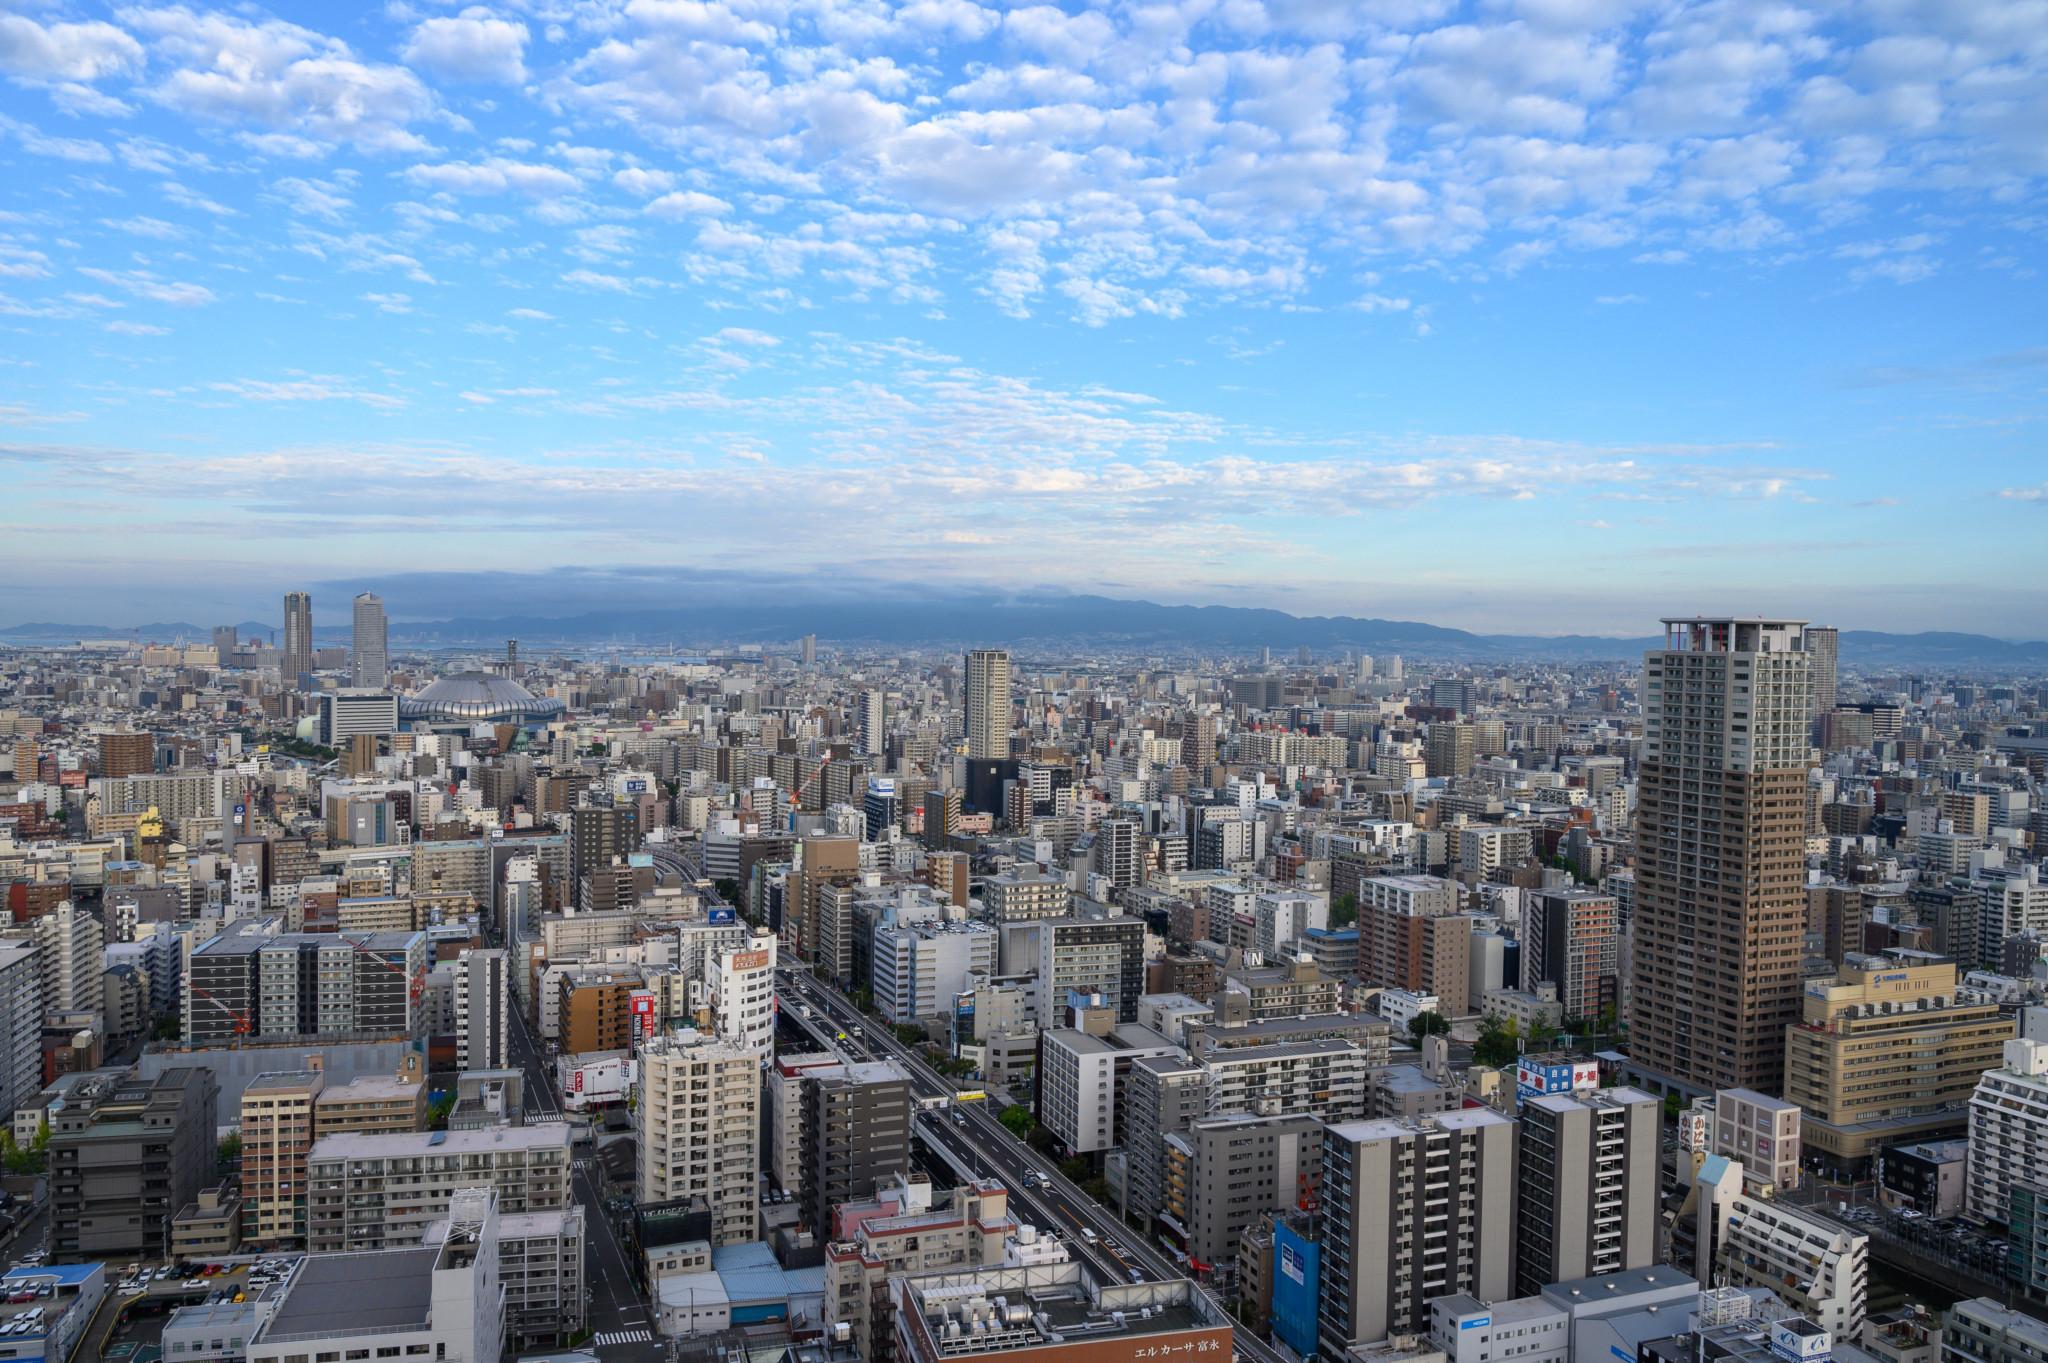 Die Skyline der japanischen Stadt Osaka ist eine der besten Sehenswürdigkeiten